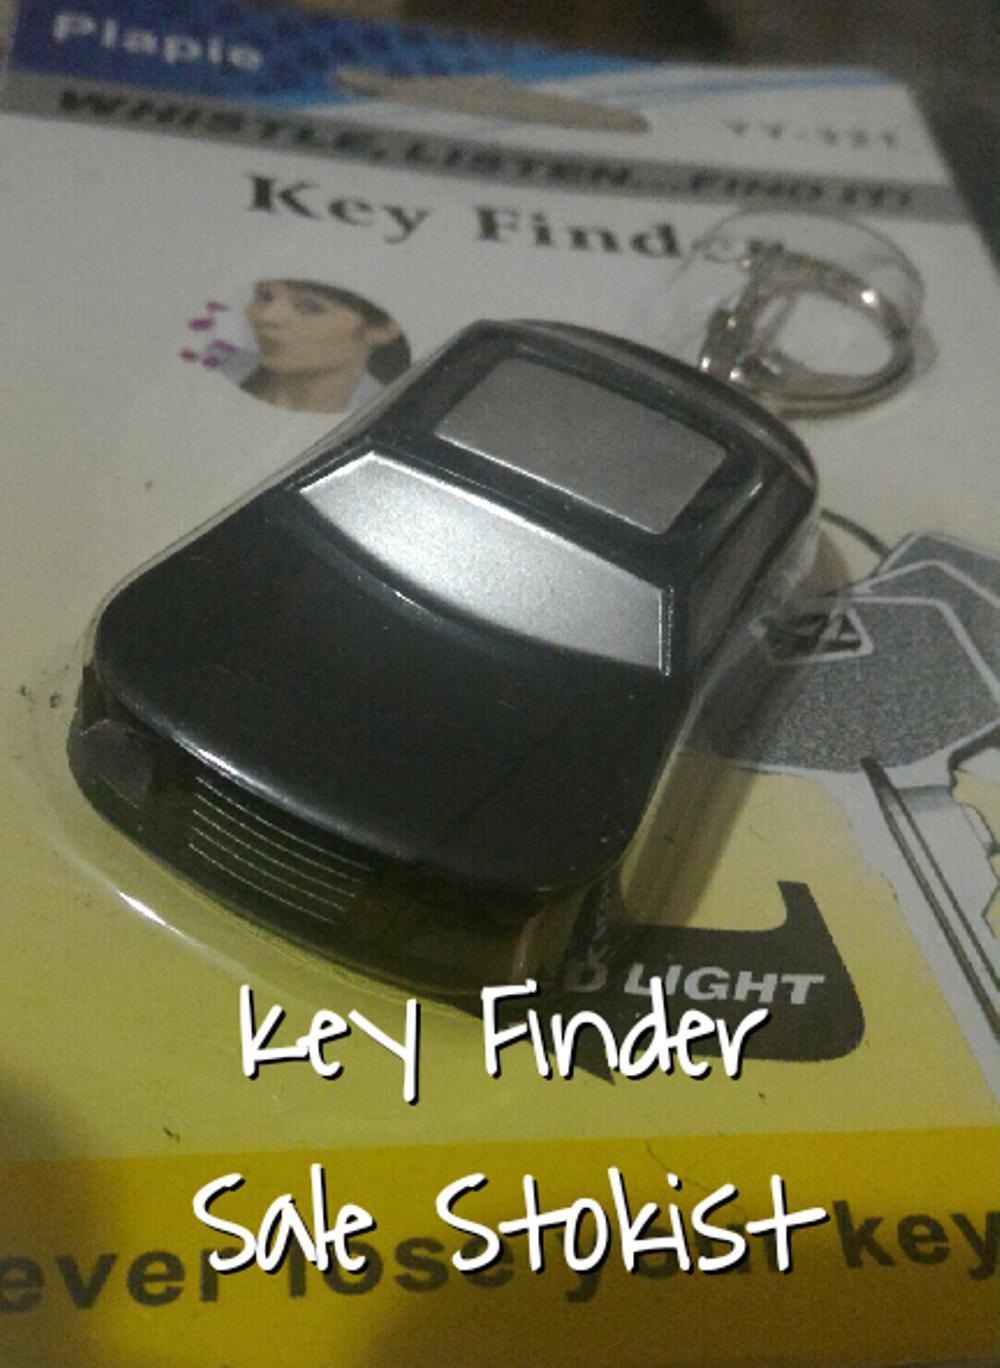 key finder alaram suara bunyi gantungan kunci alarm on off penemu kunci rumah mobil sepeda motor toko kantor garasi gudang senter led merah lampu